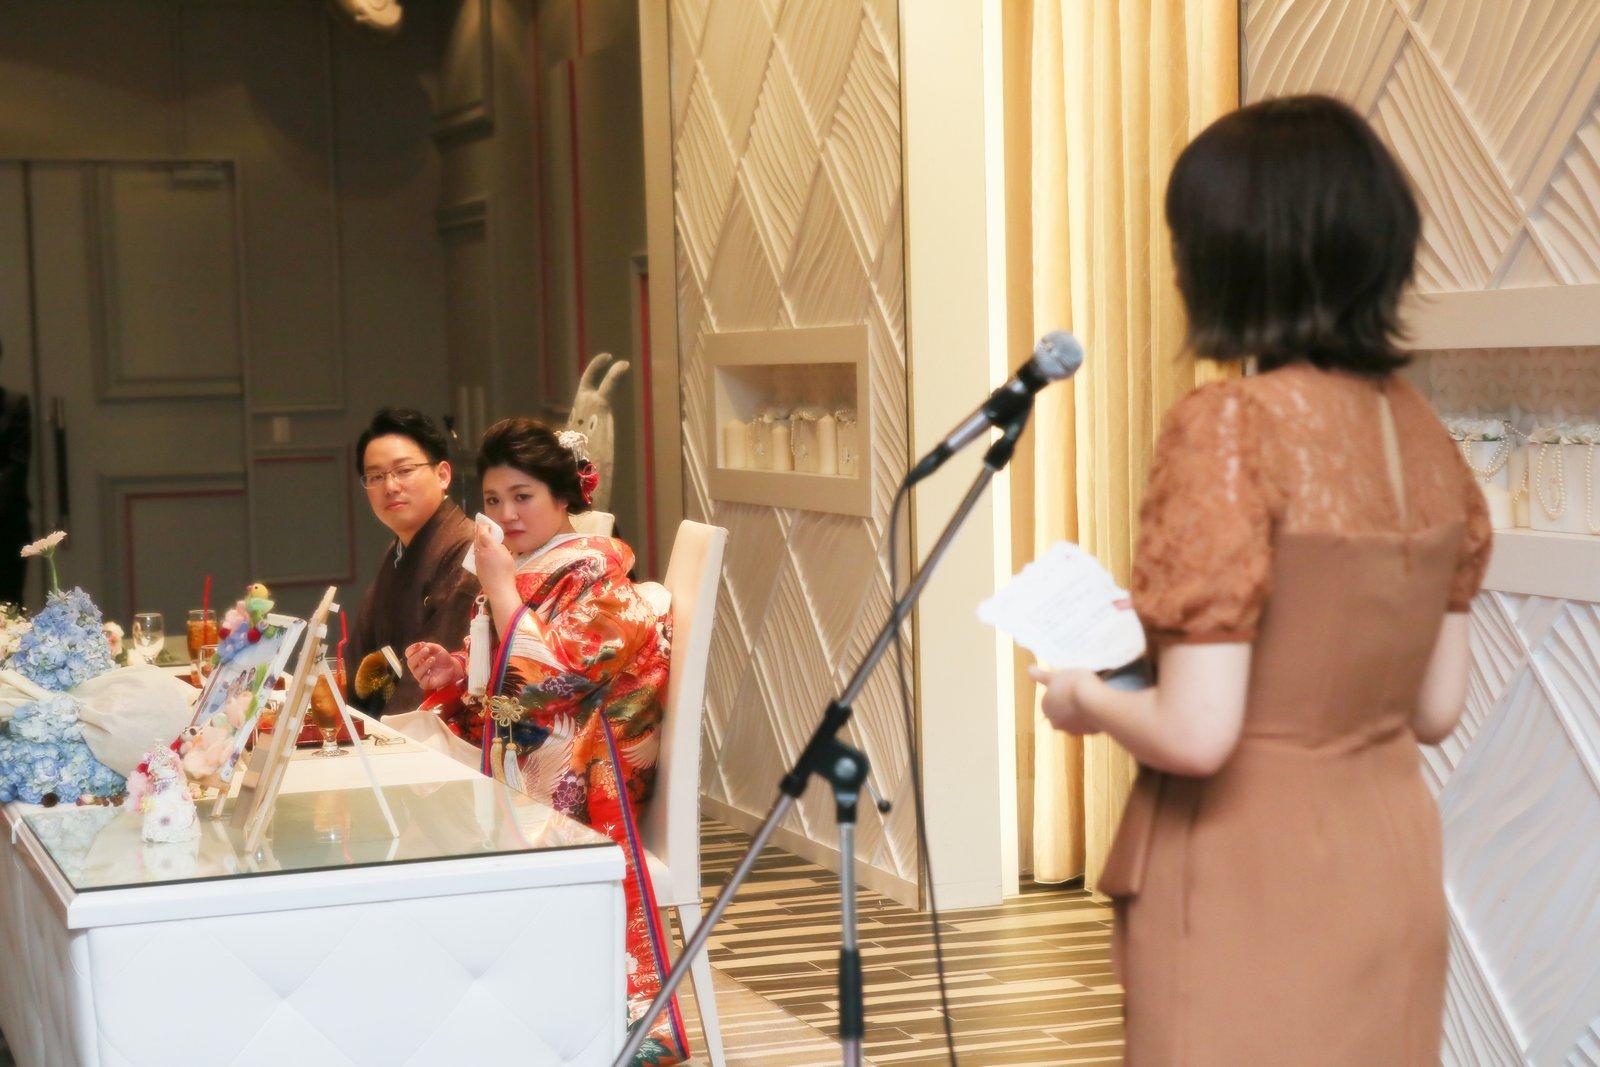 徳島県の結婚式場ブランアンジュでゲストからのスピーチに涙する新婦